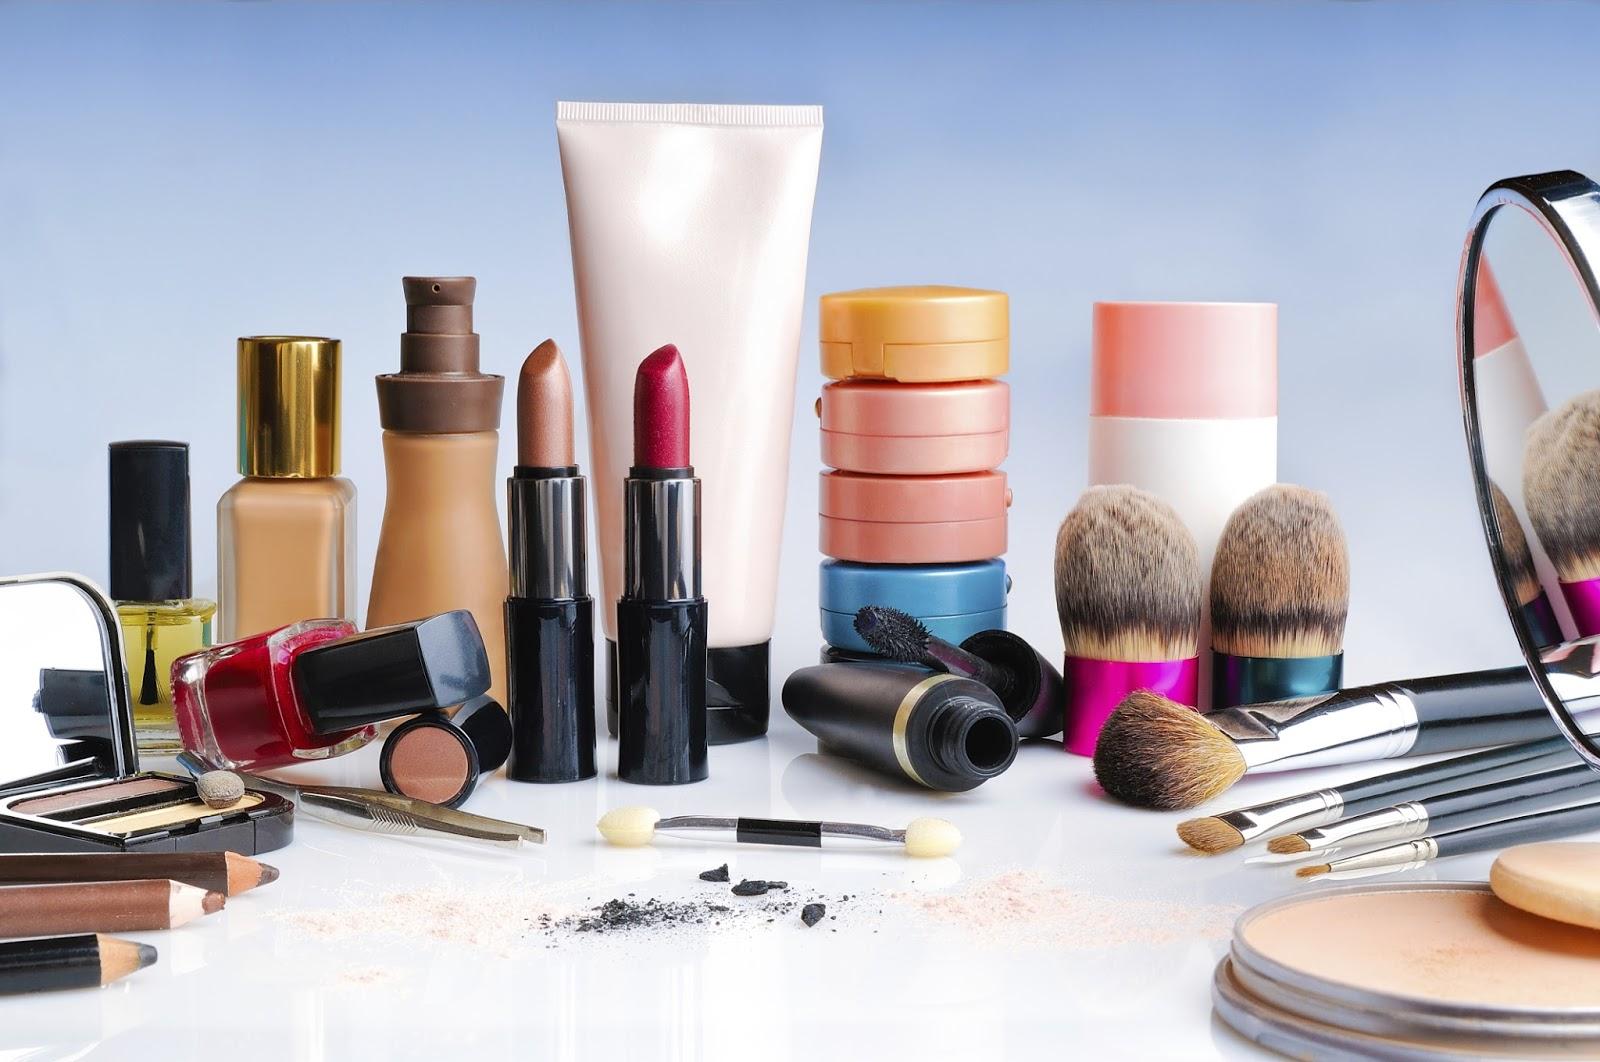 produit cosmetiques emballage etiquetage